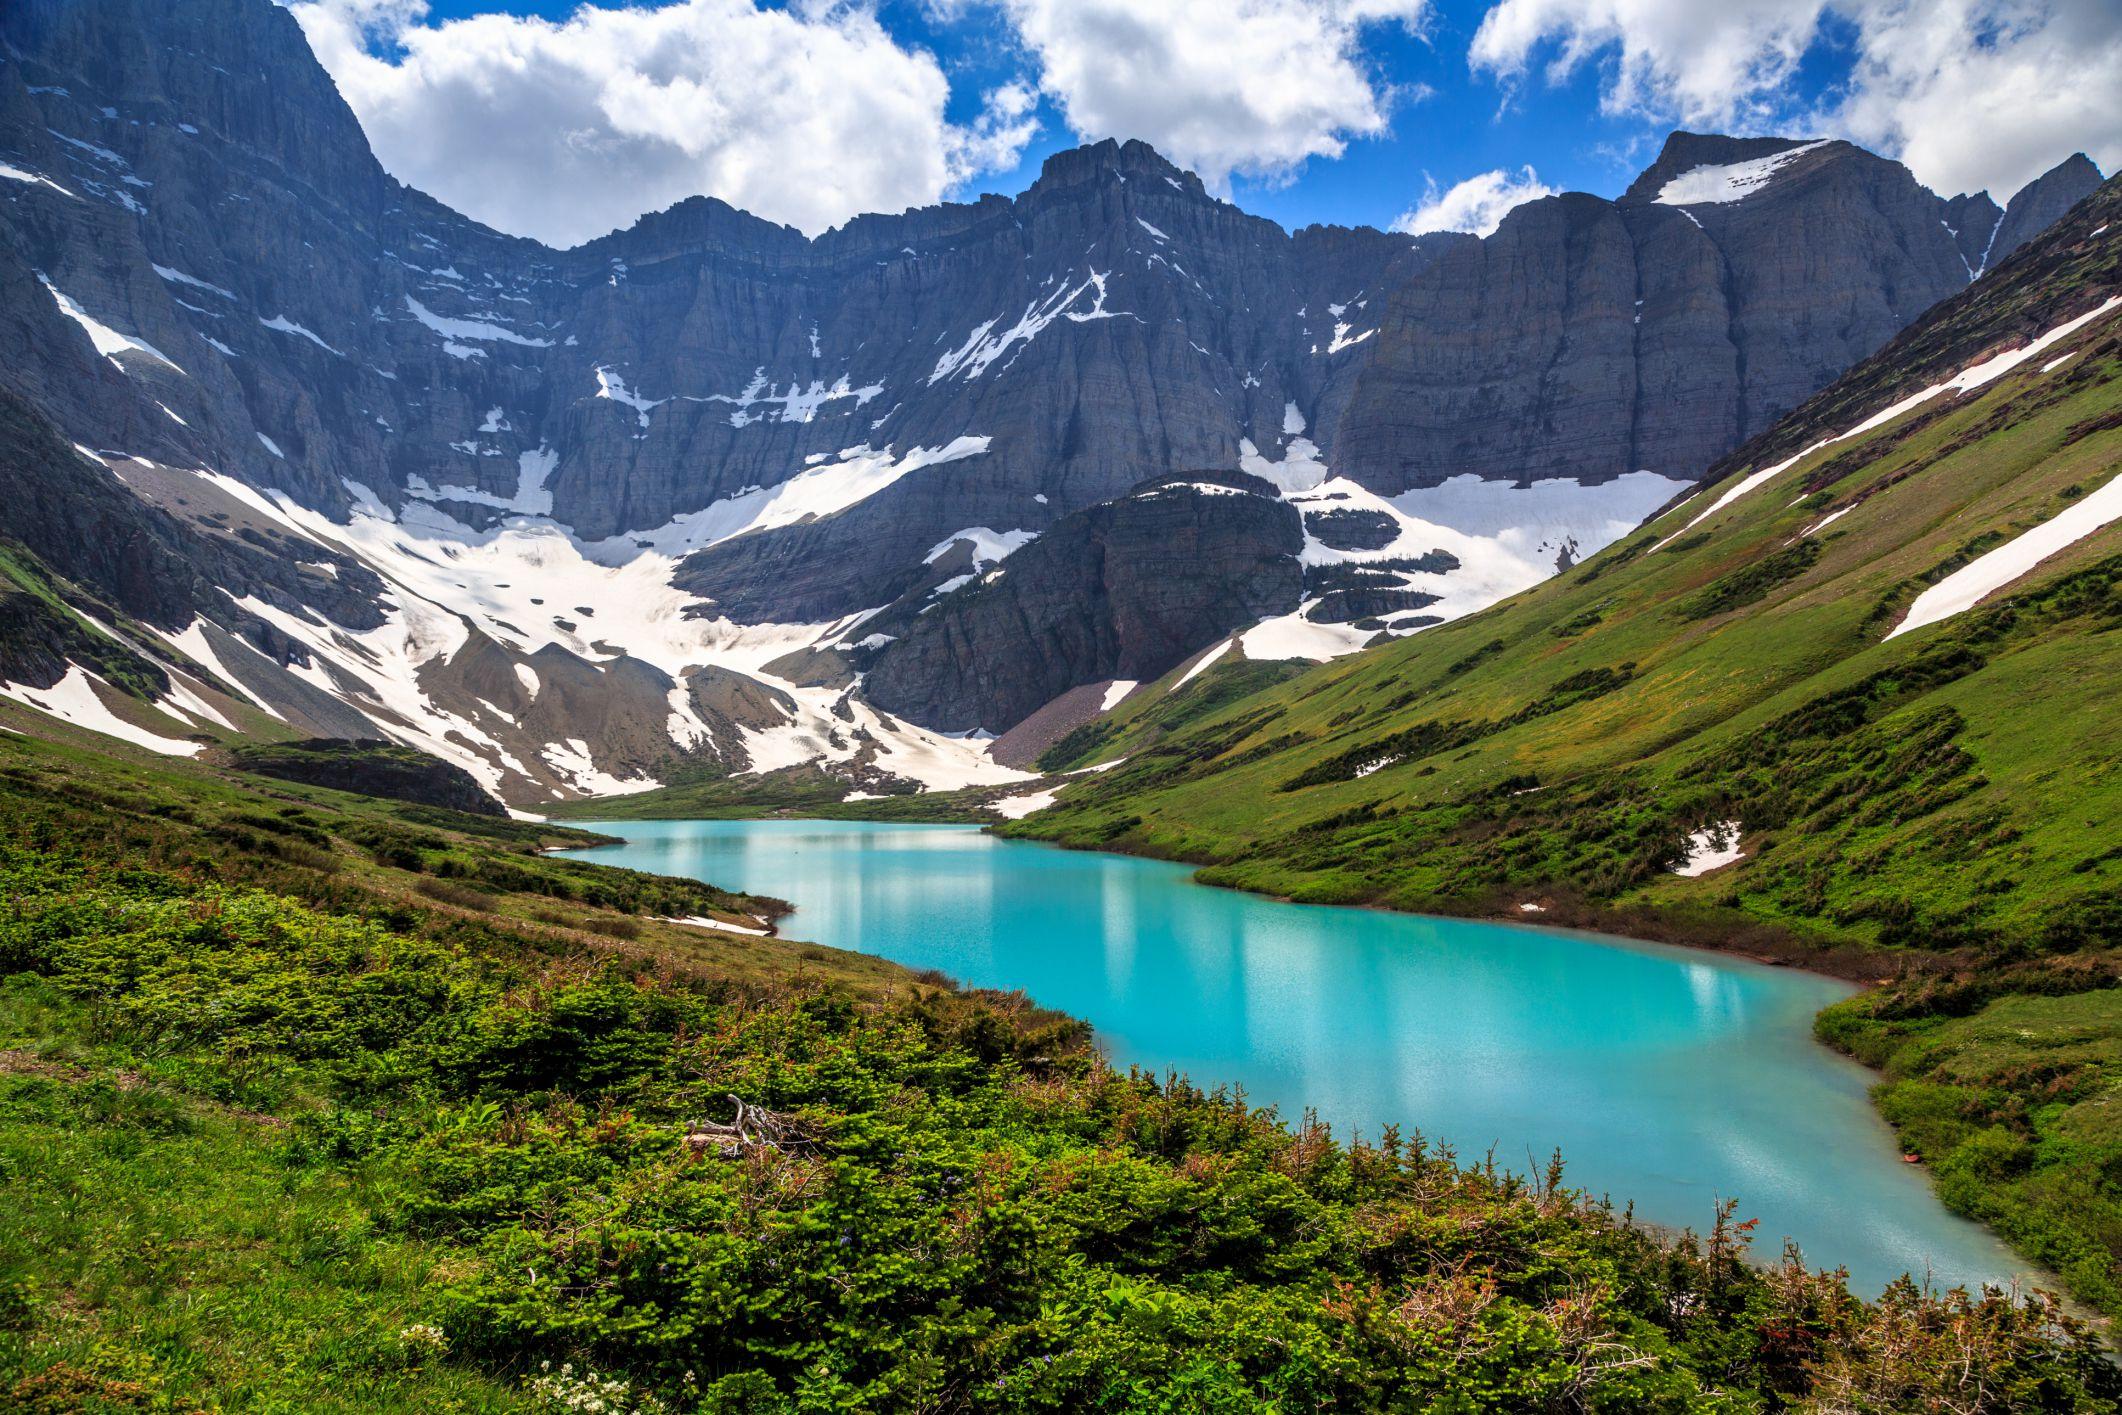 Montanas Glacier National Park A Travel Guide